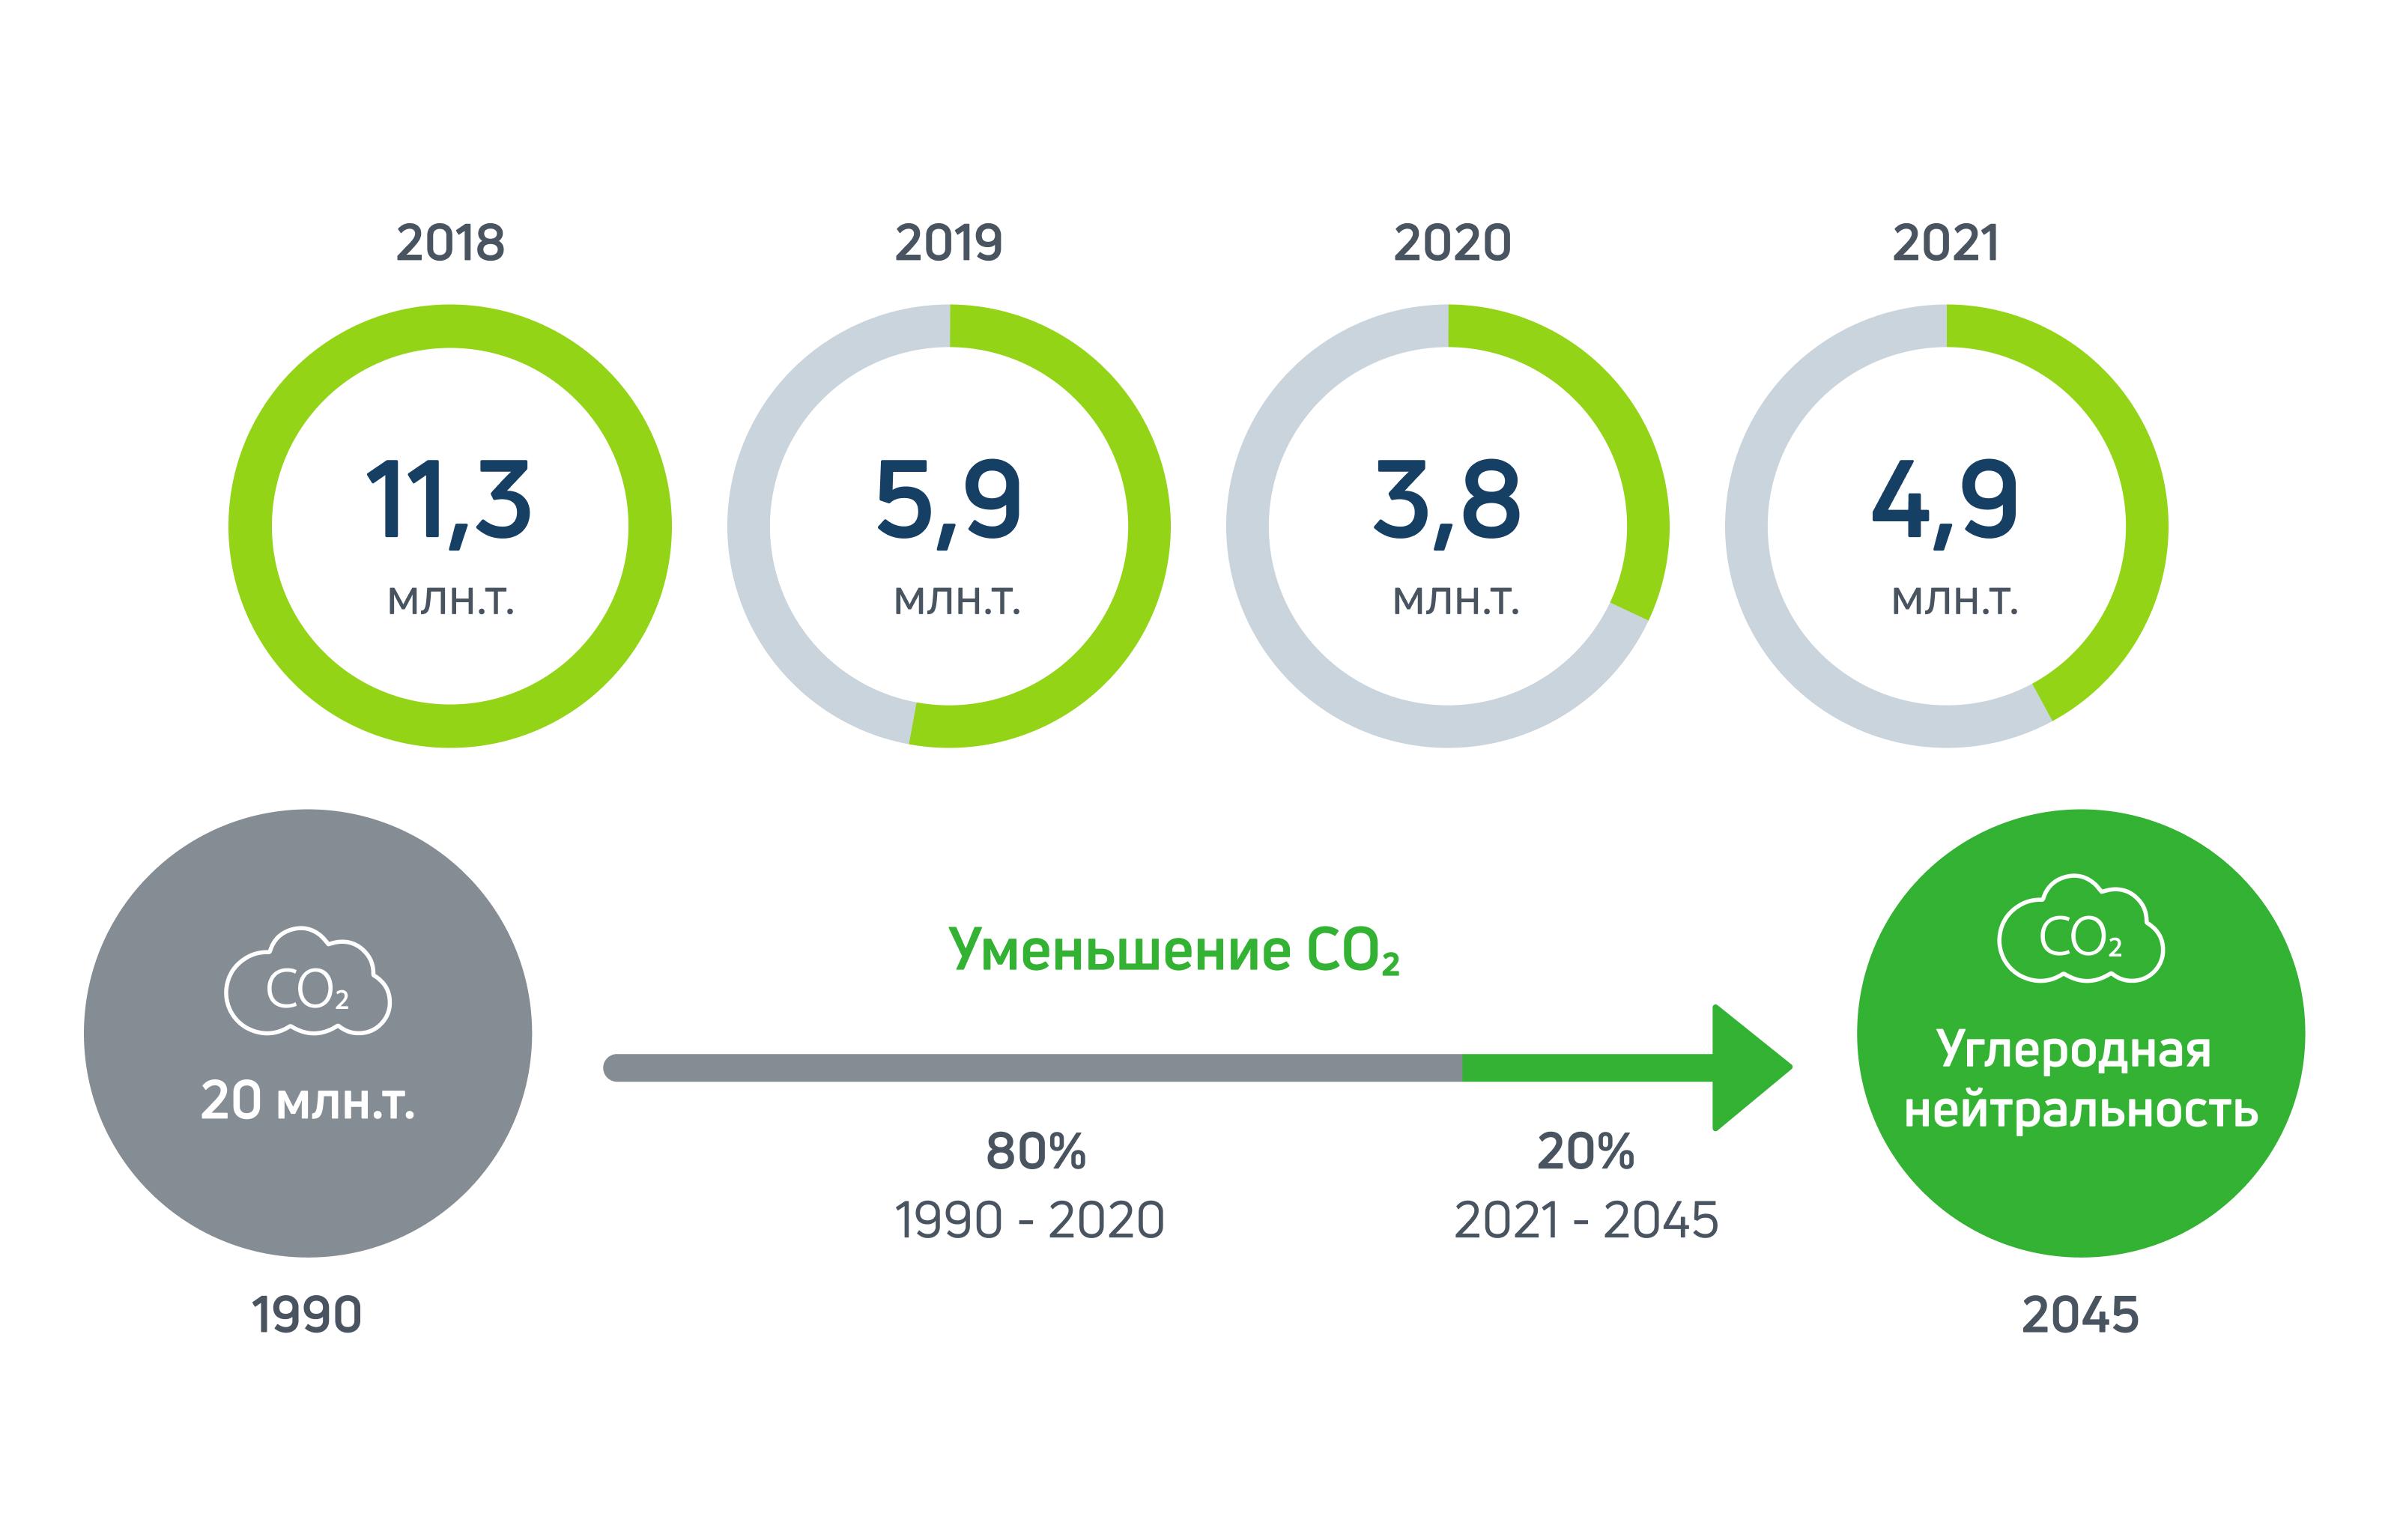 Kontserni CO2